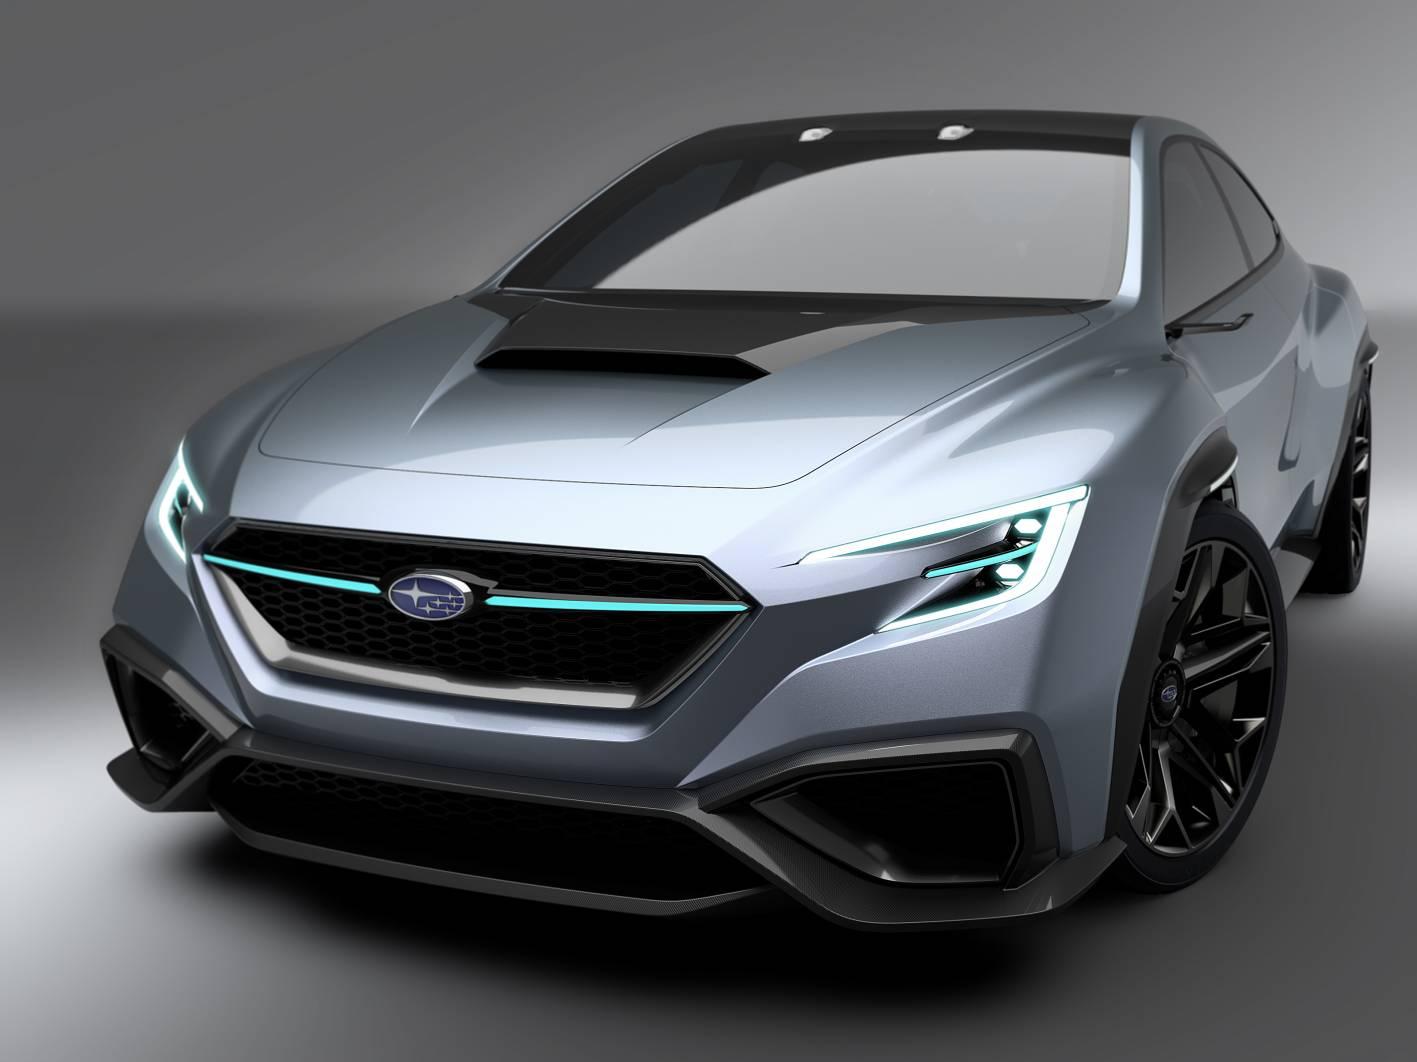 Subaru Outback 2019 >> Subaru VIZIV Performance Concept previews next-gen WRX / WRX STI - ForceGT.com